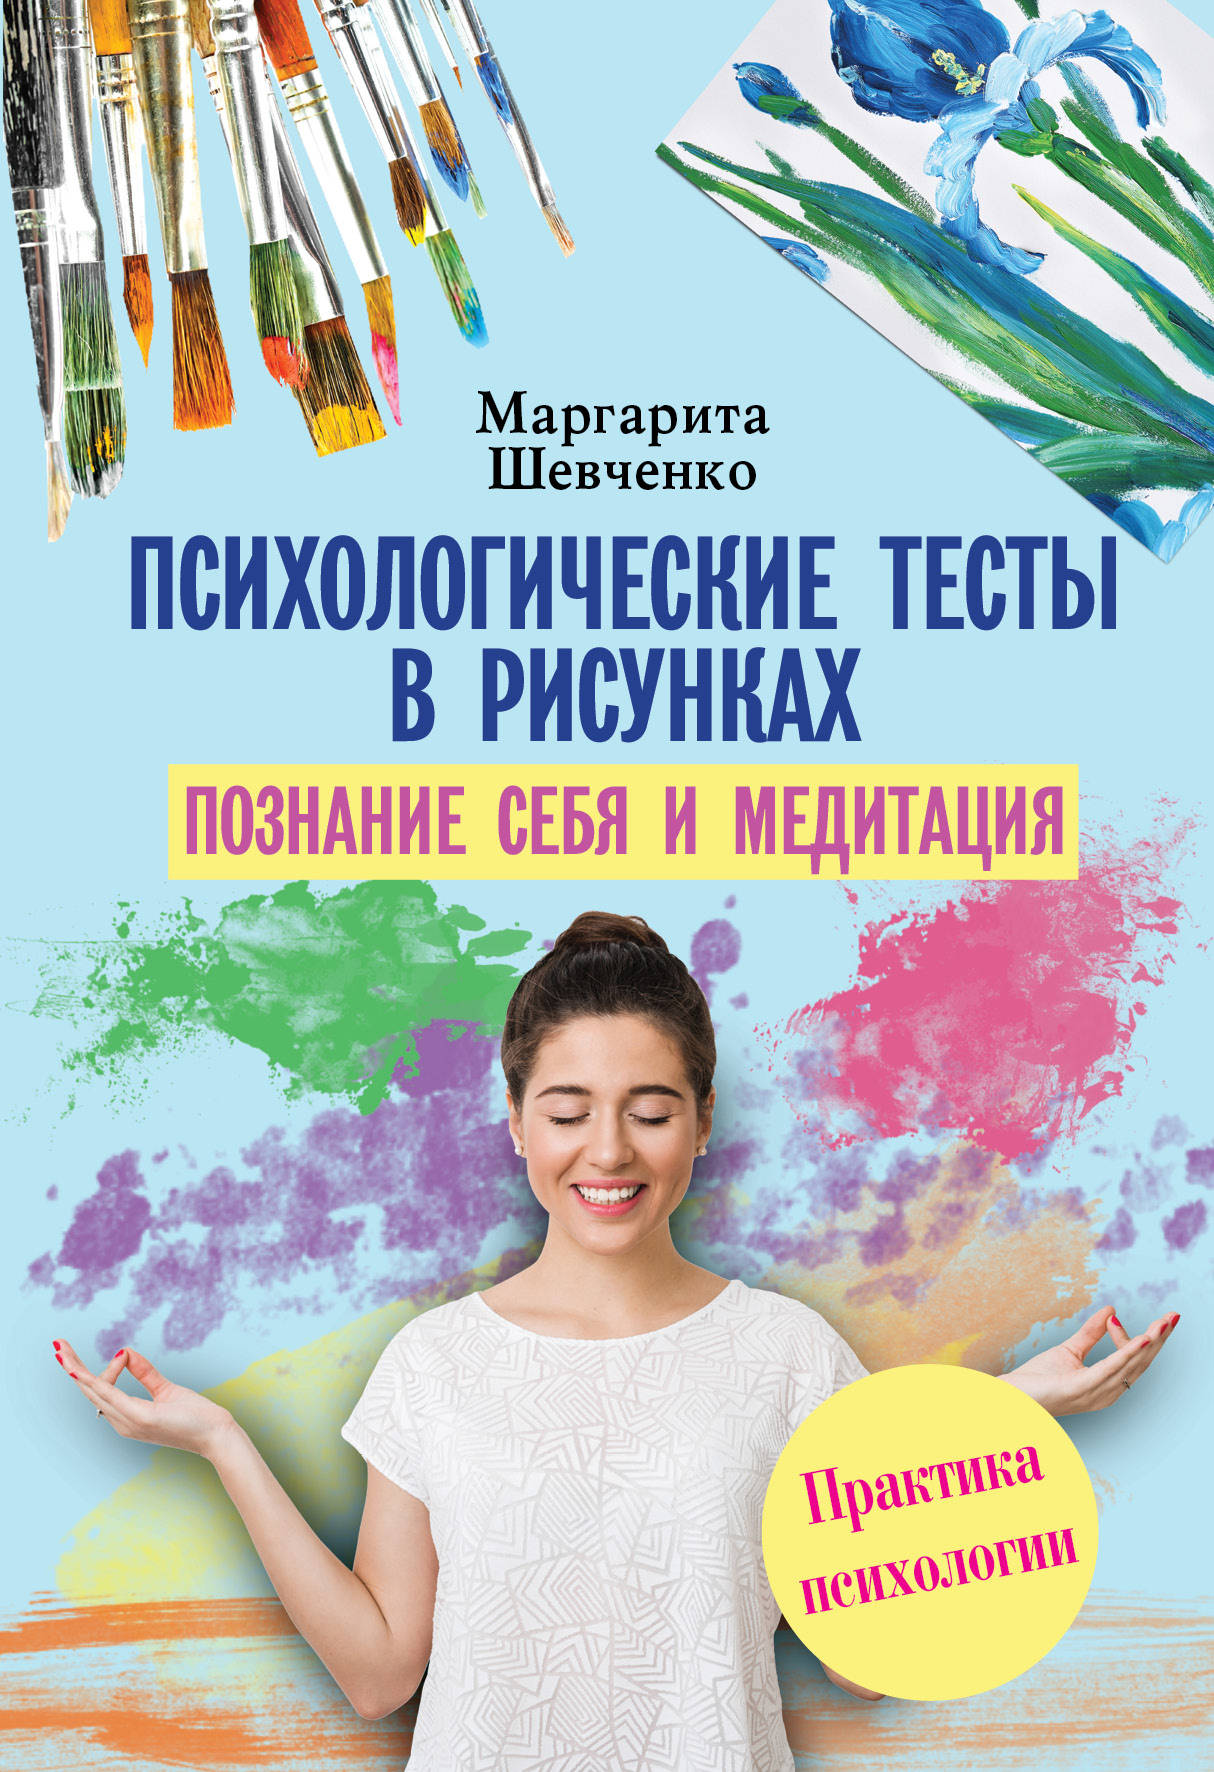 Маргарита Шевченко Психологические тесты в рисунках. Познание себя и медитация психологические шпаргалки